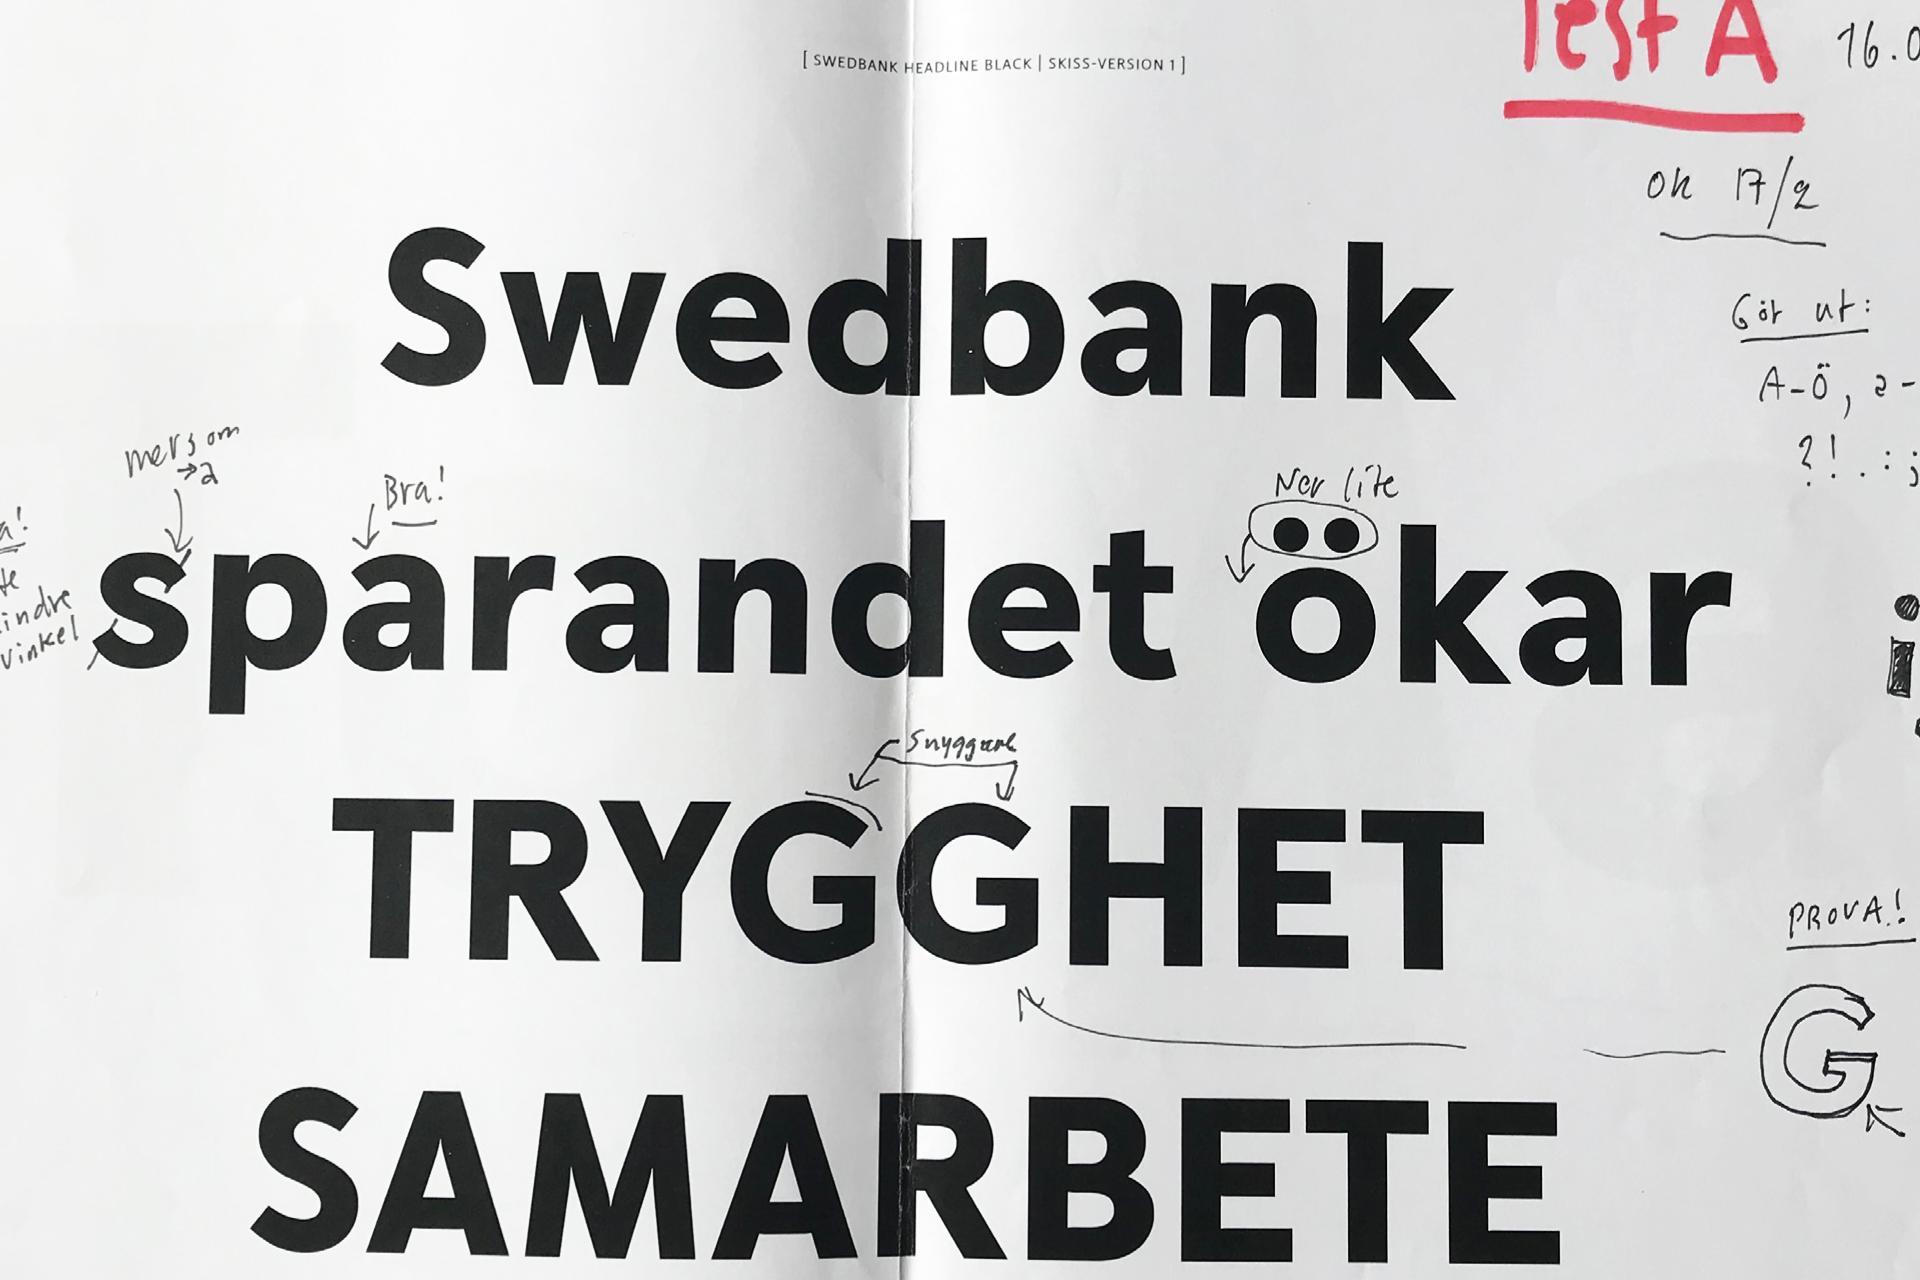 Swedbank_PAGE-6